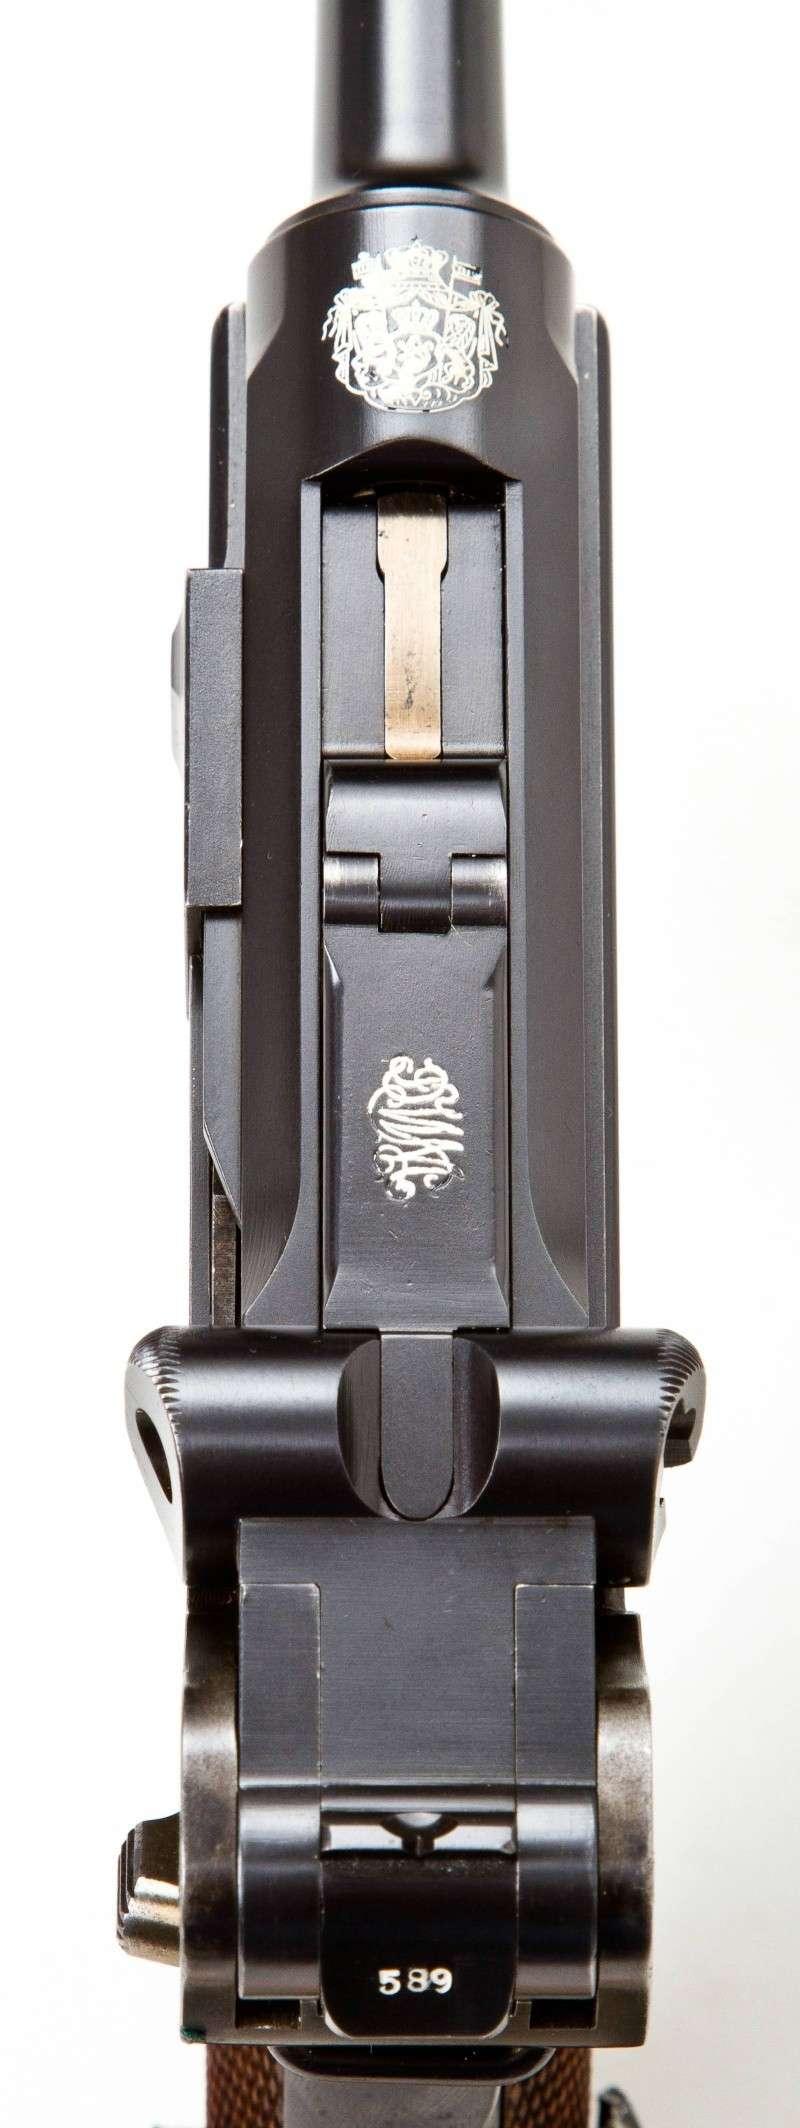 Les étuis et accessoires des Luger bulgares, de 1900 à 1943.  Dwm_1922